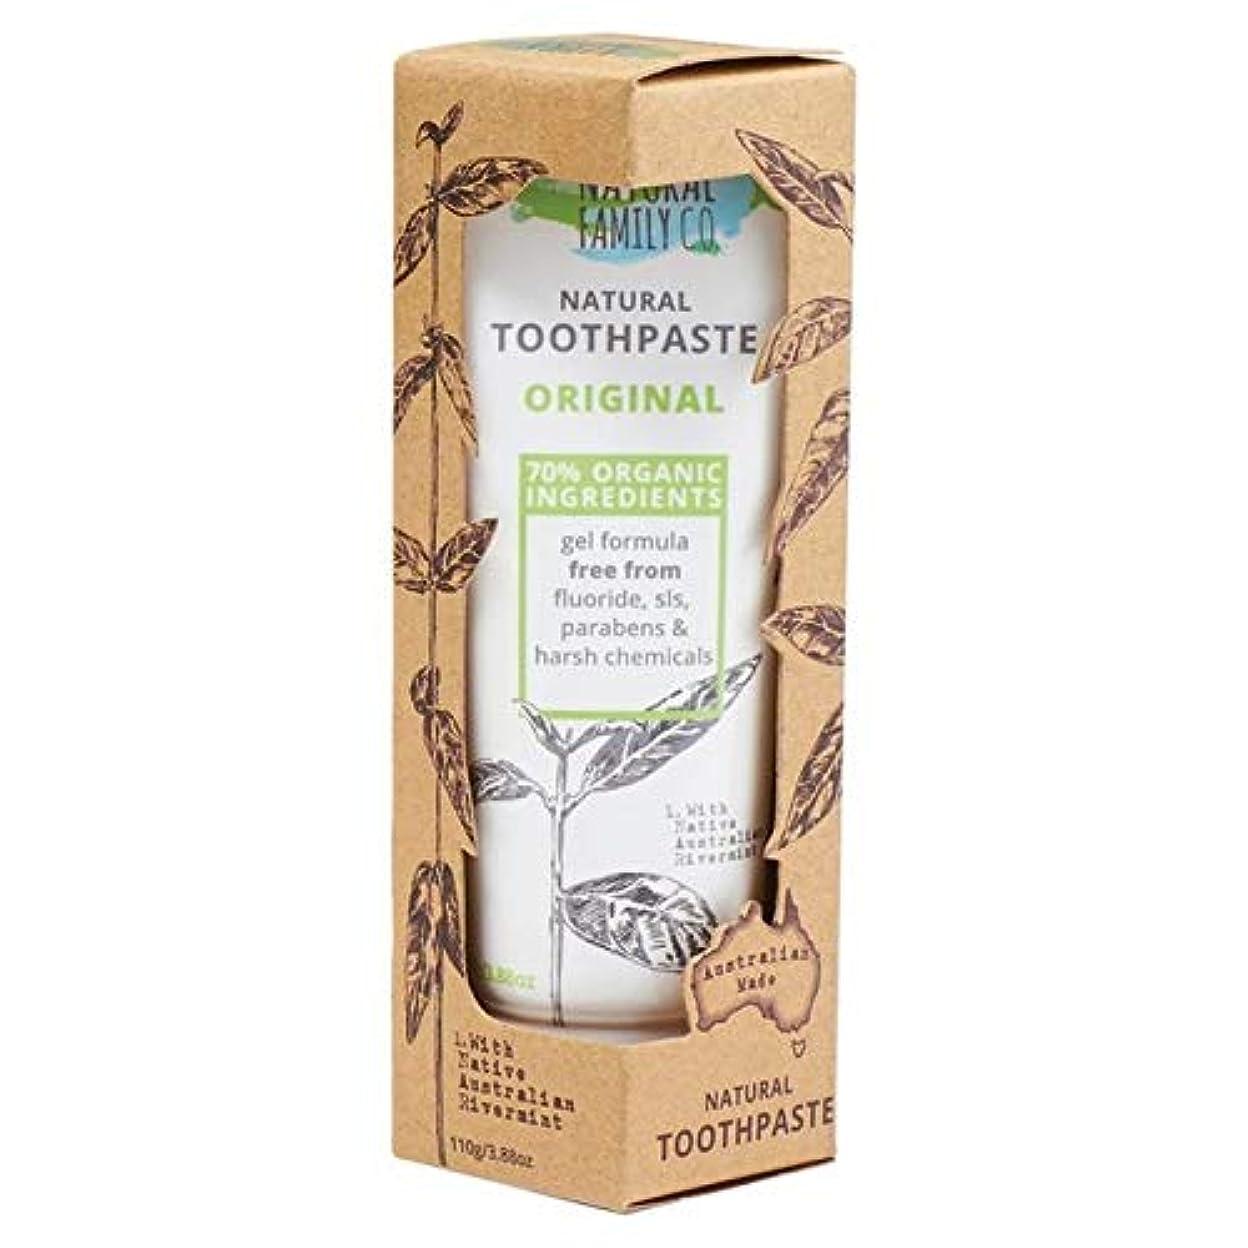 ベスト送金清める[Natural Family ] 自然な家族の元歯磨き粉の110グラム - Natural Family Original Toothpaste 110g [並行輸入品]